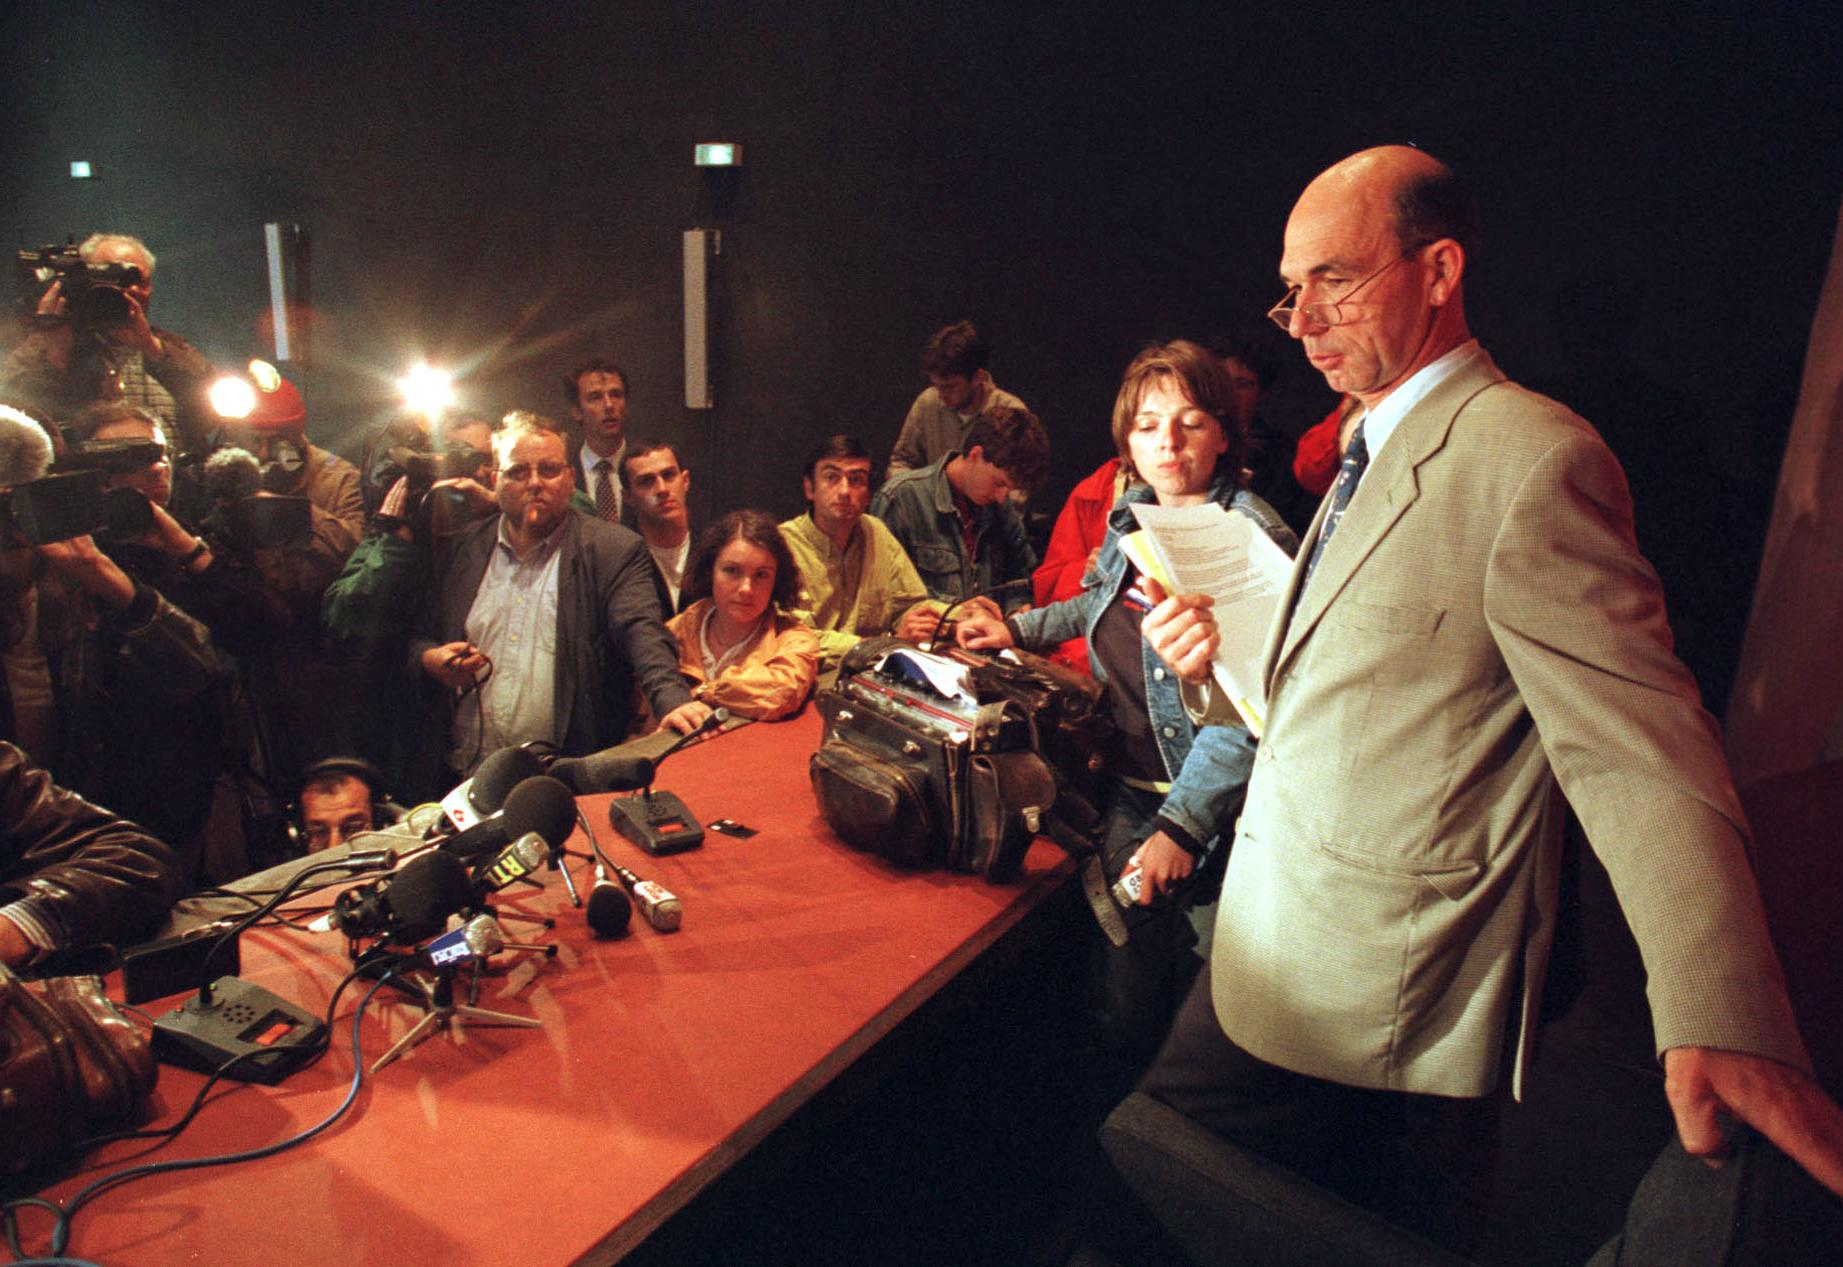 Jean-Philippe Joubert, l'assistant du procureur de Lille, arrive en conférence de presse pour annoncer la mise en examen de Bruno Roussel dans le cadre de l'affaire Festina, le 17 juillet 1998.